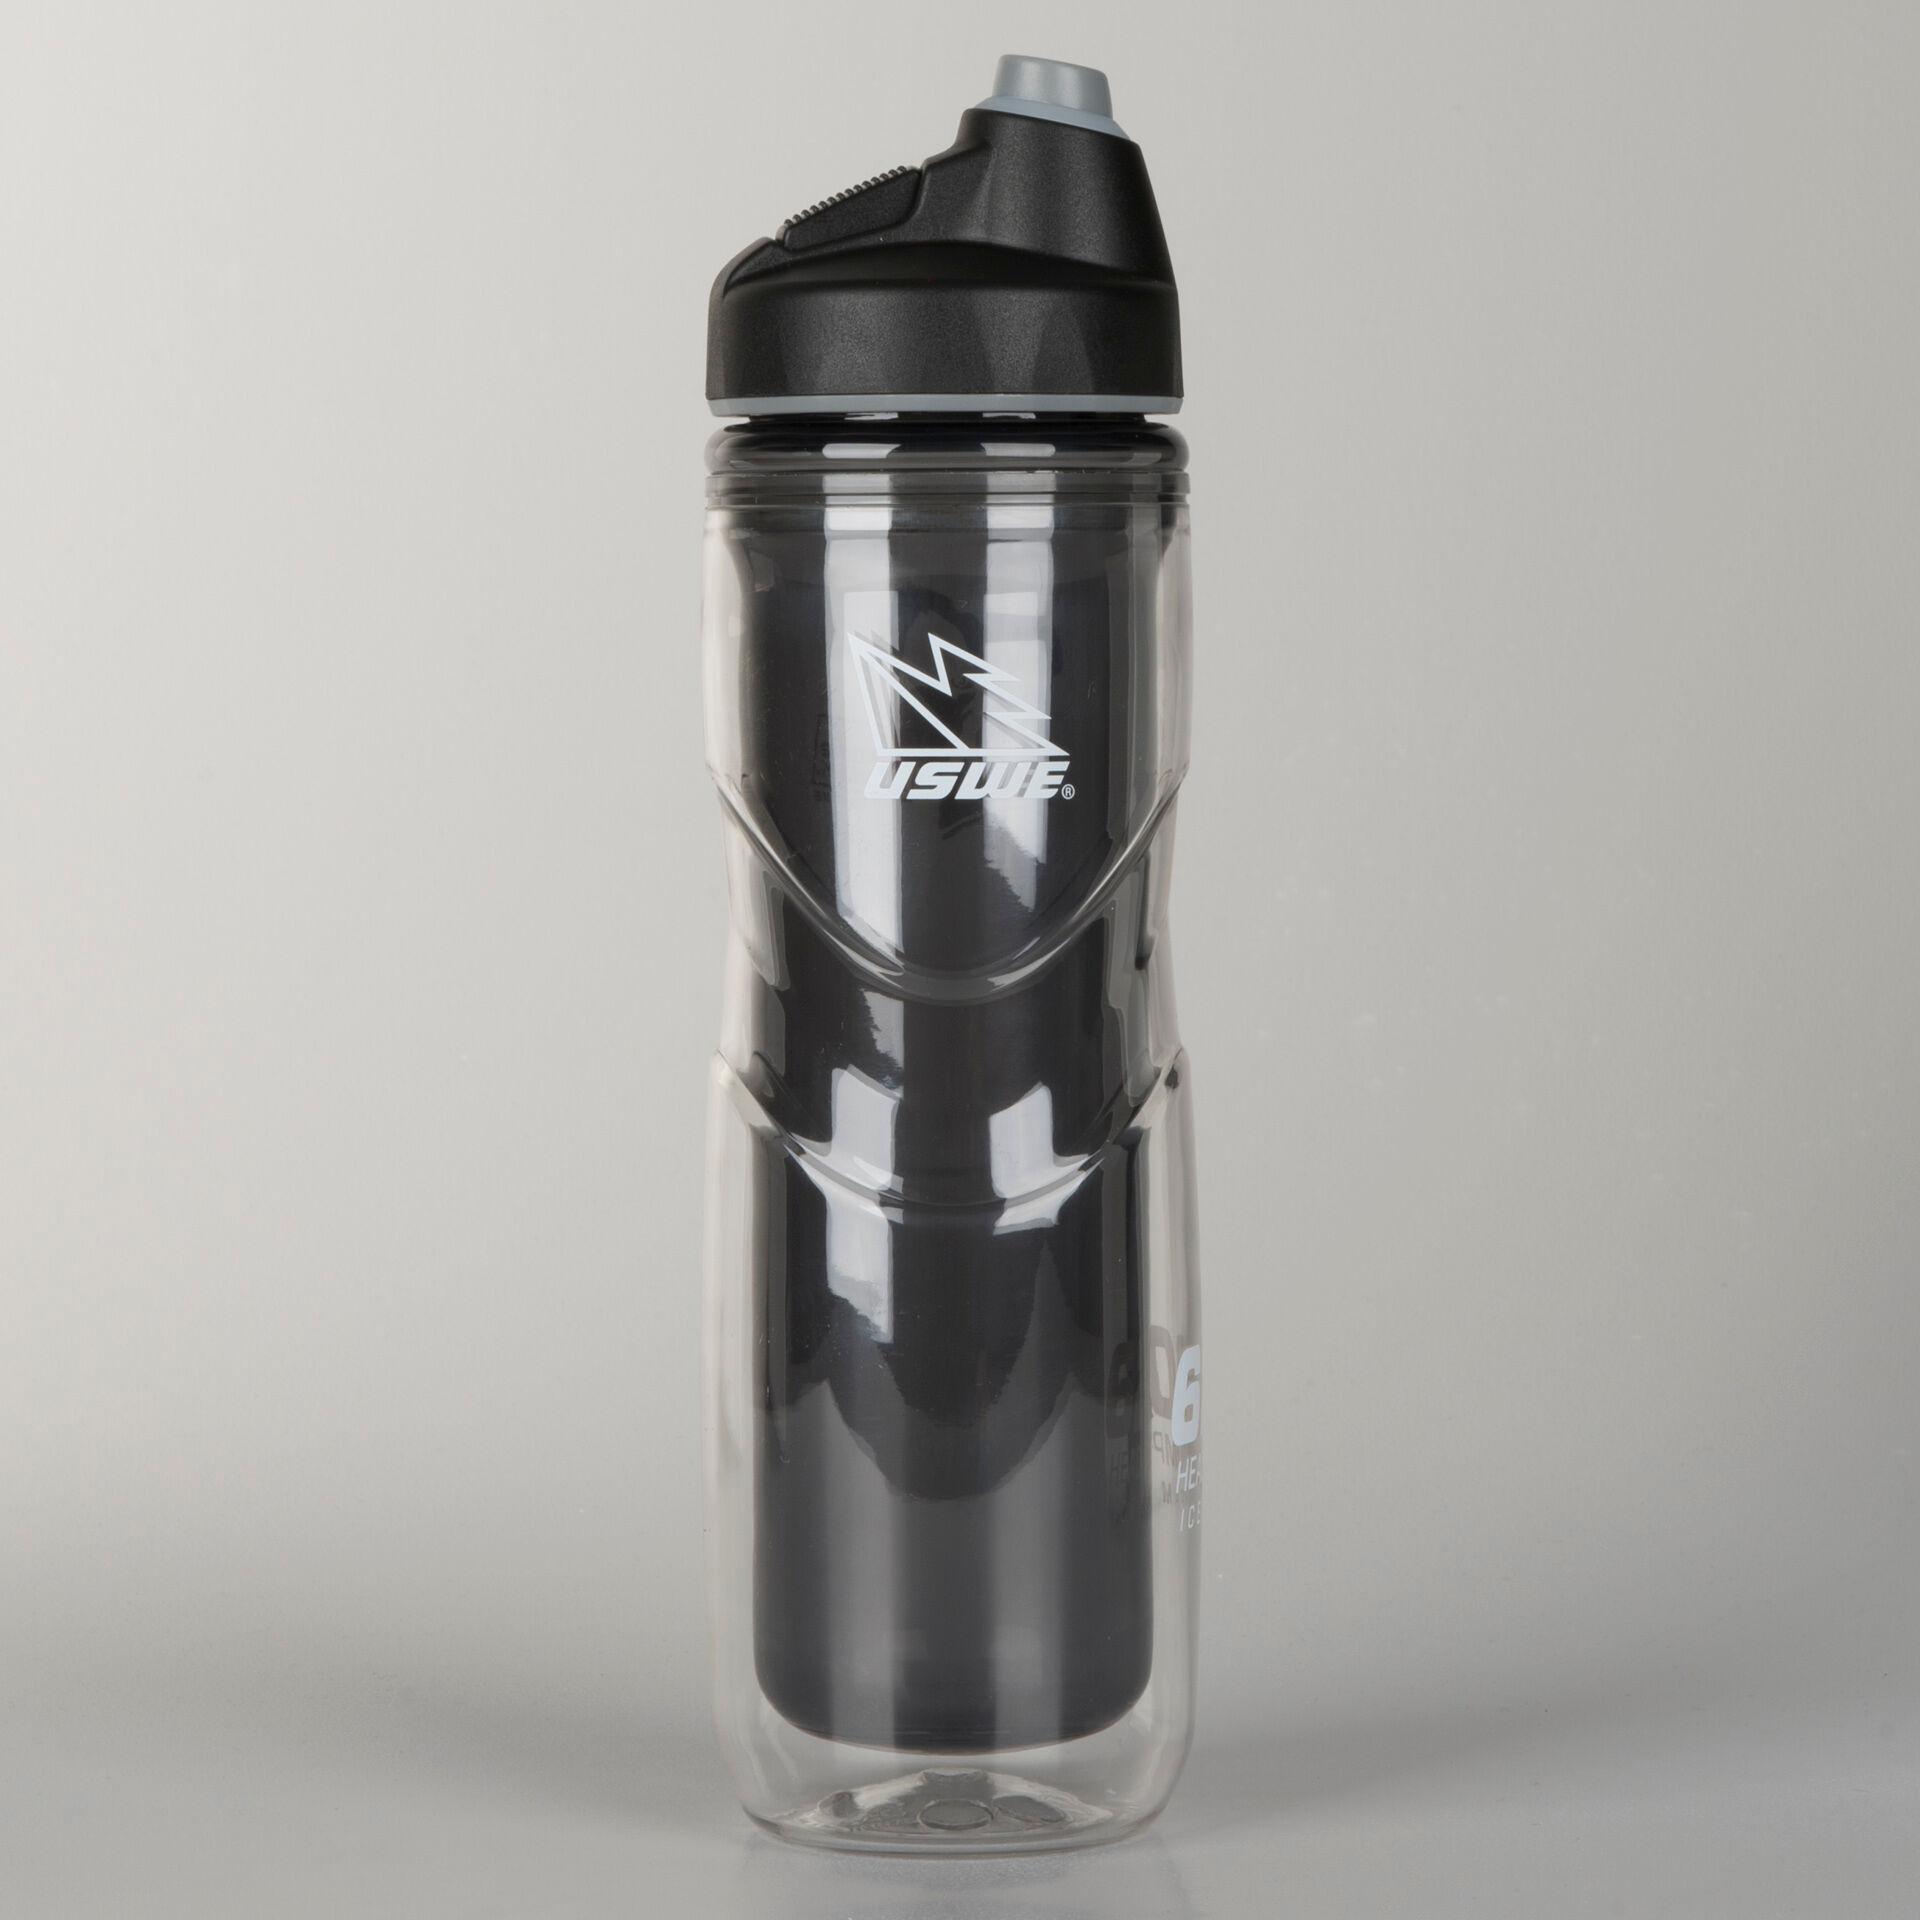 USWE Système d'hydratation USWE Head Bump 600 Ice Team Noir